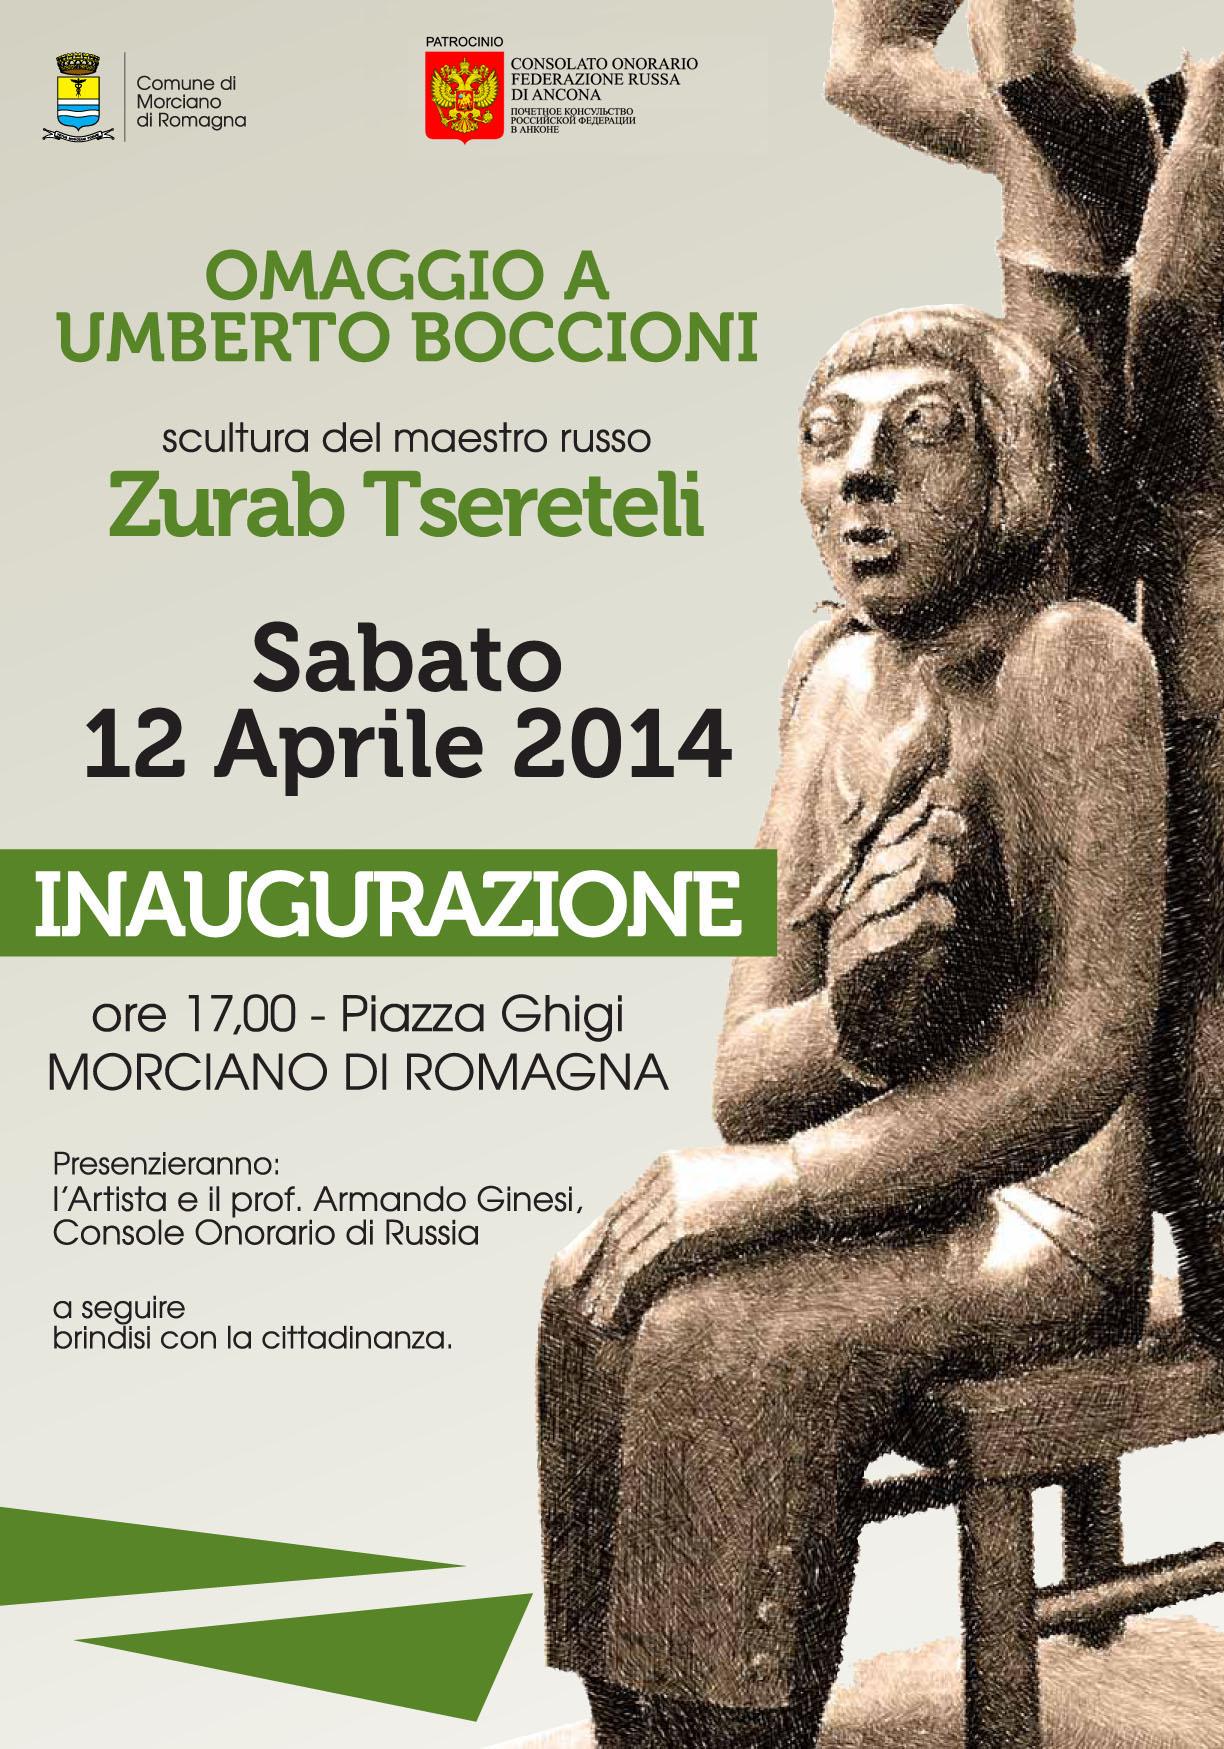 Omaggio a Umberto Boccioni del maestro russo Zurab Tsereteli